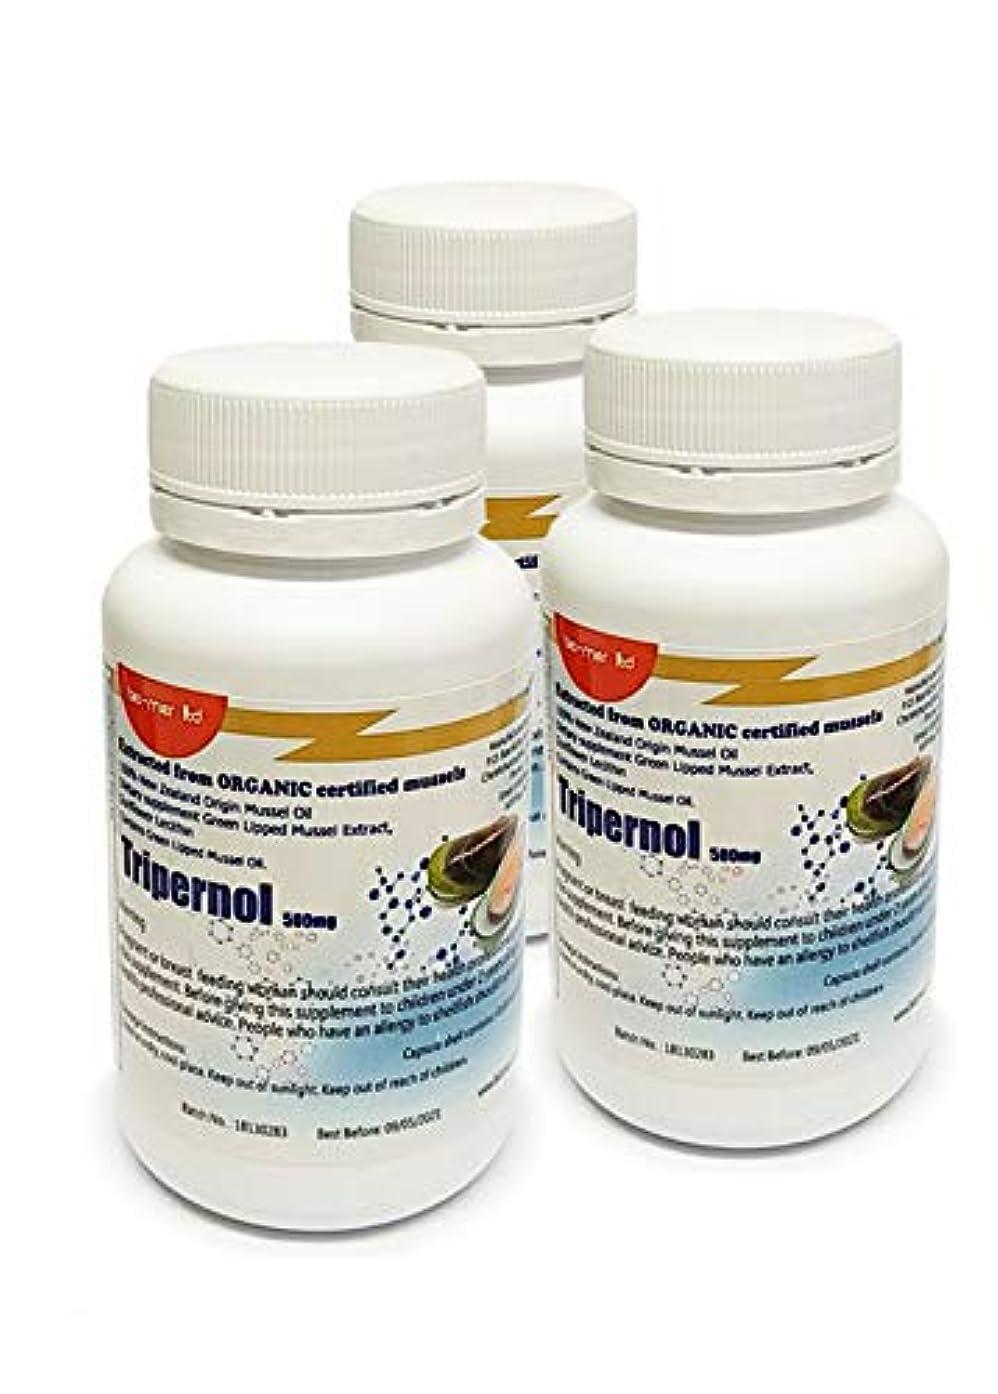 喜んで傾く会員ニュージーランドグリンリップムール貝オイル TRIPERNOL 3 PACK - Three 60 count bottles (180 soft gels) - Green Lipped Mussel Oil - EPA...